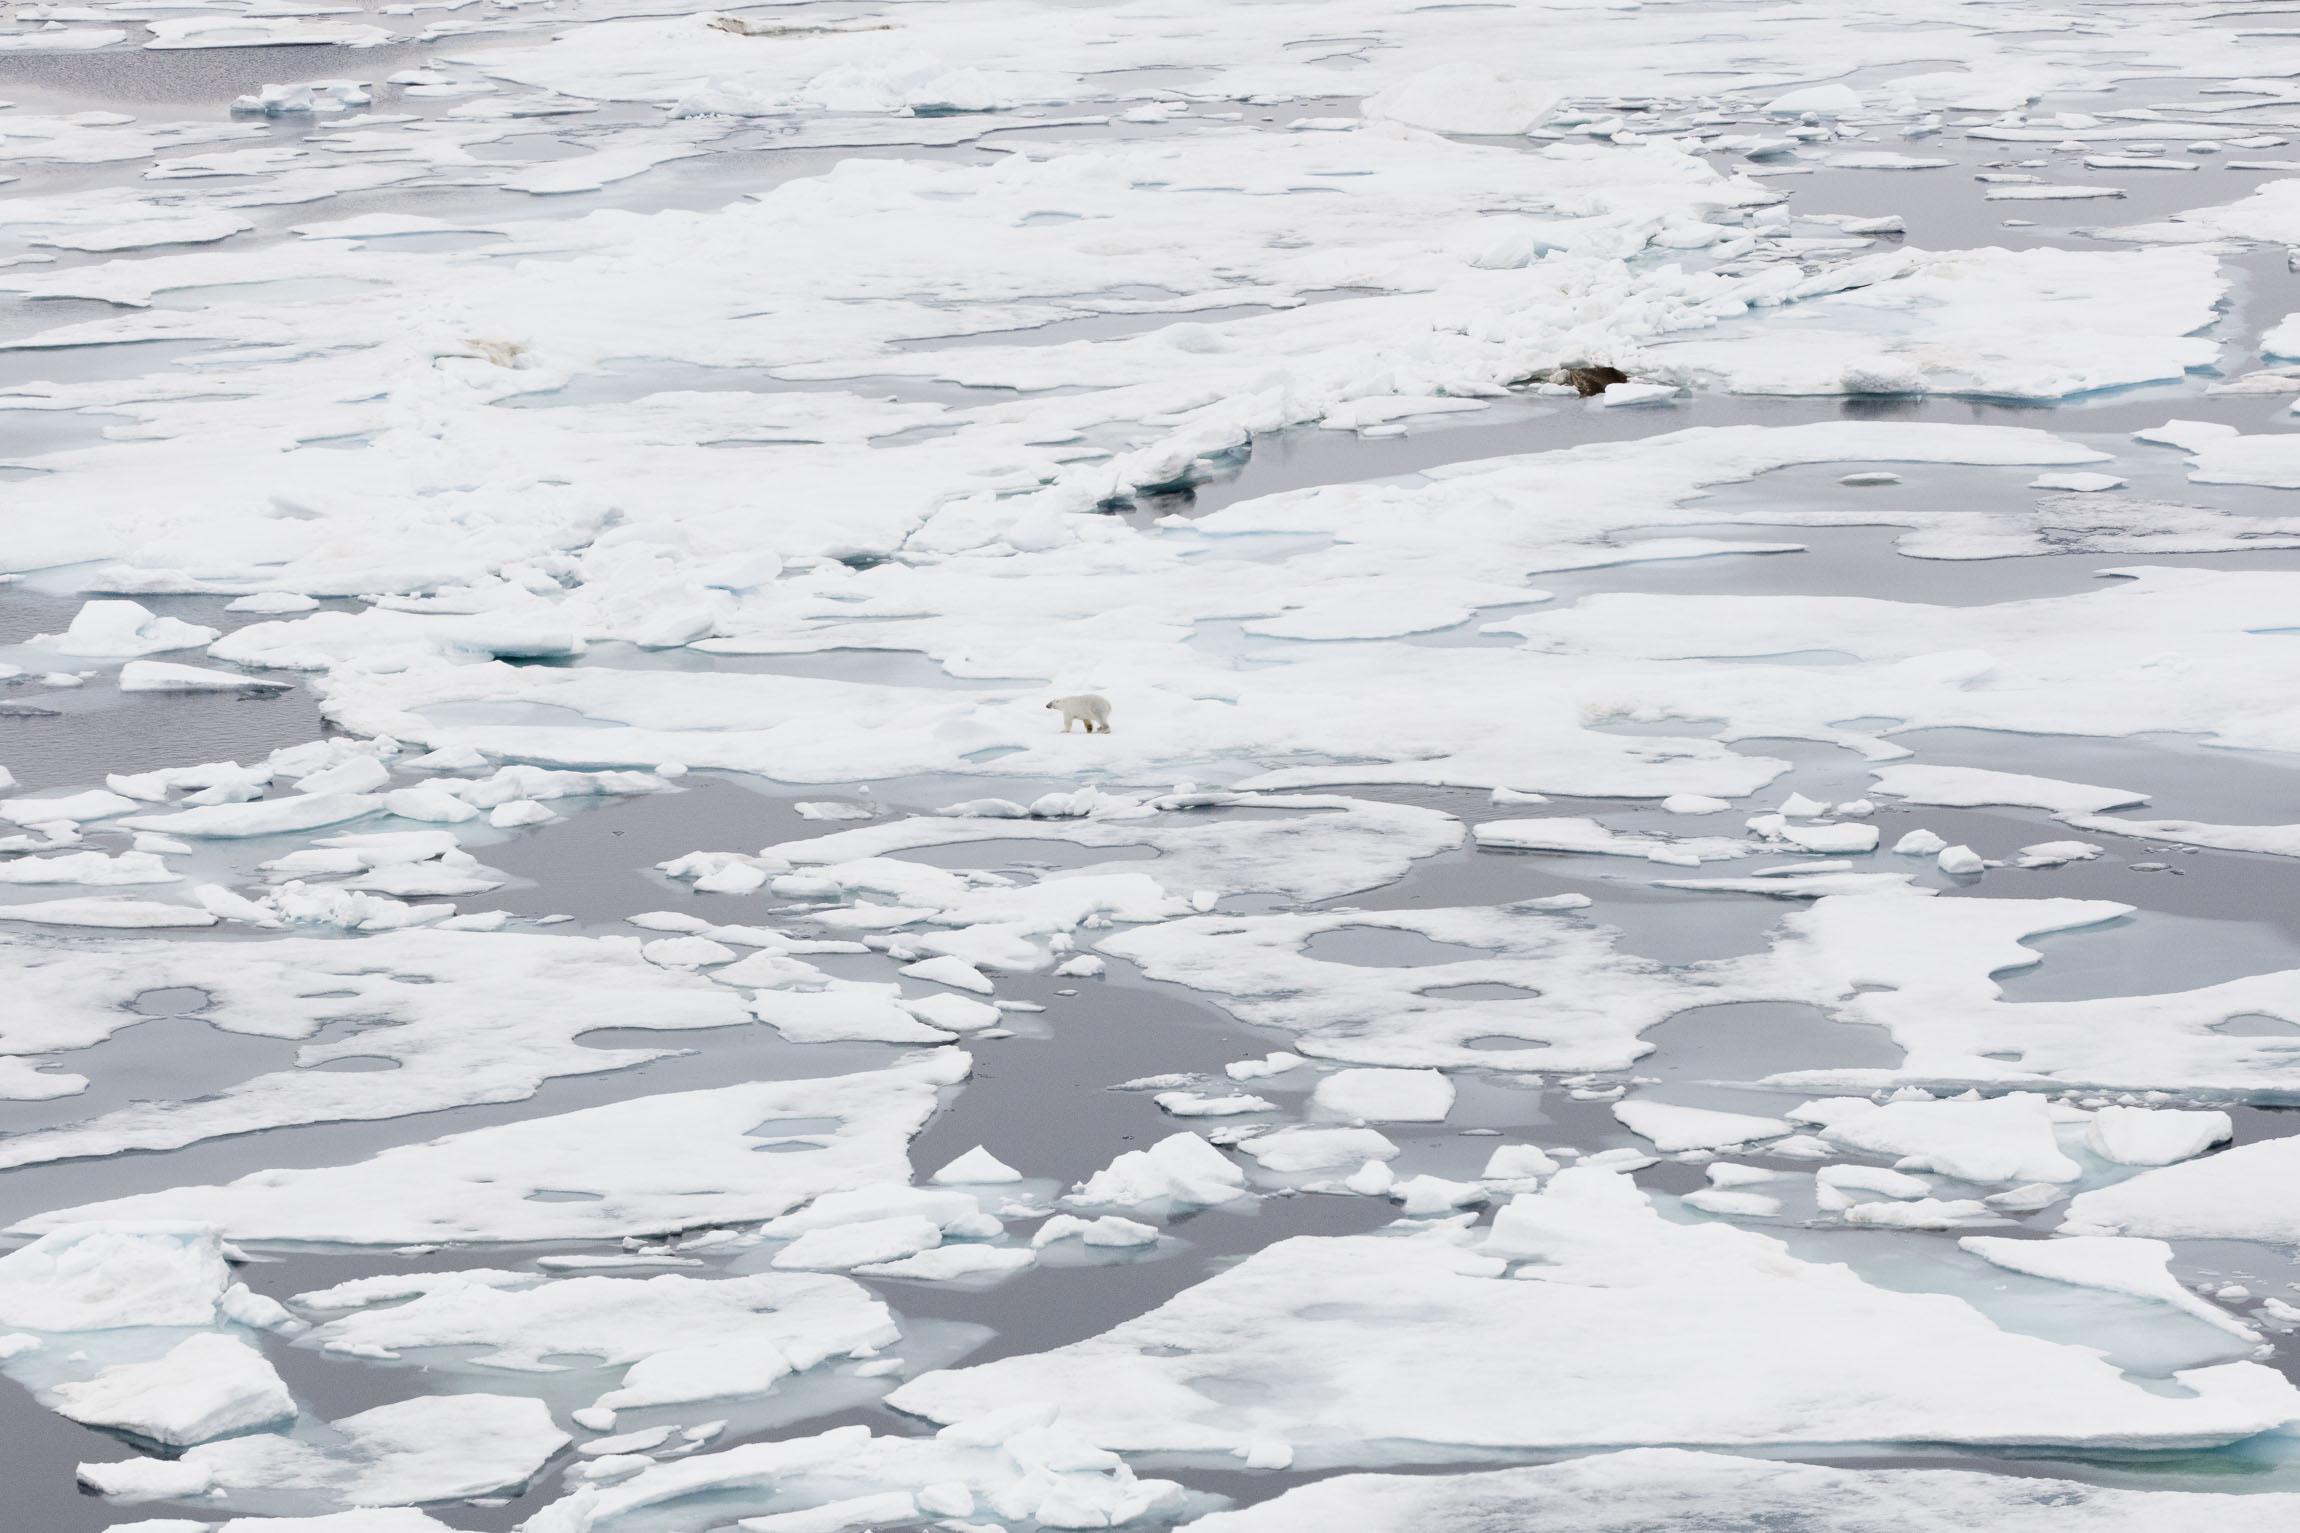 A solitary polar bear walks across Arctic sea ice